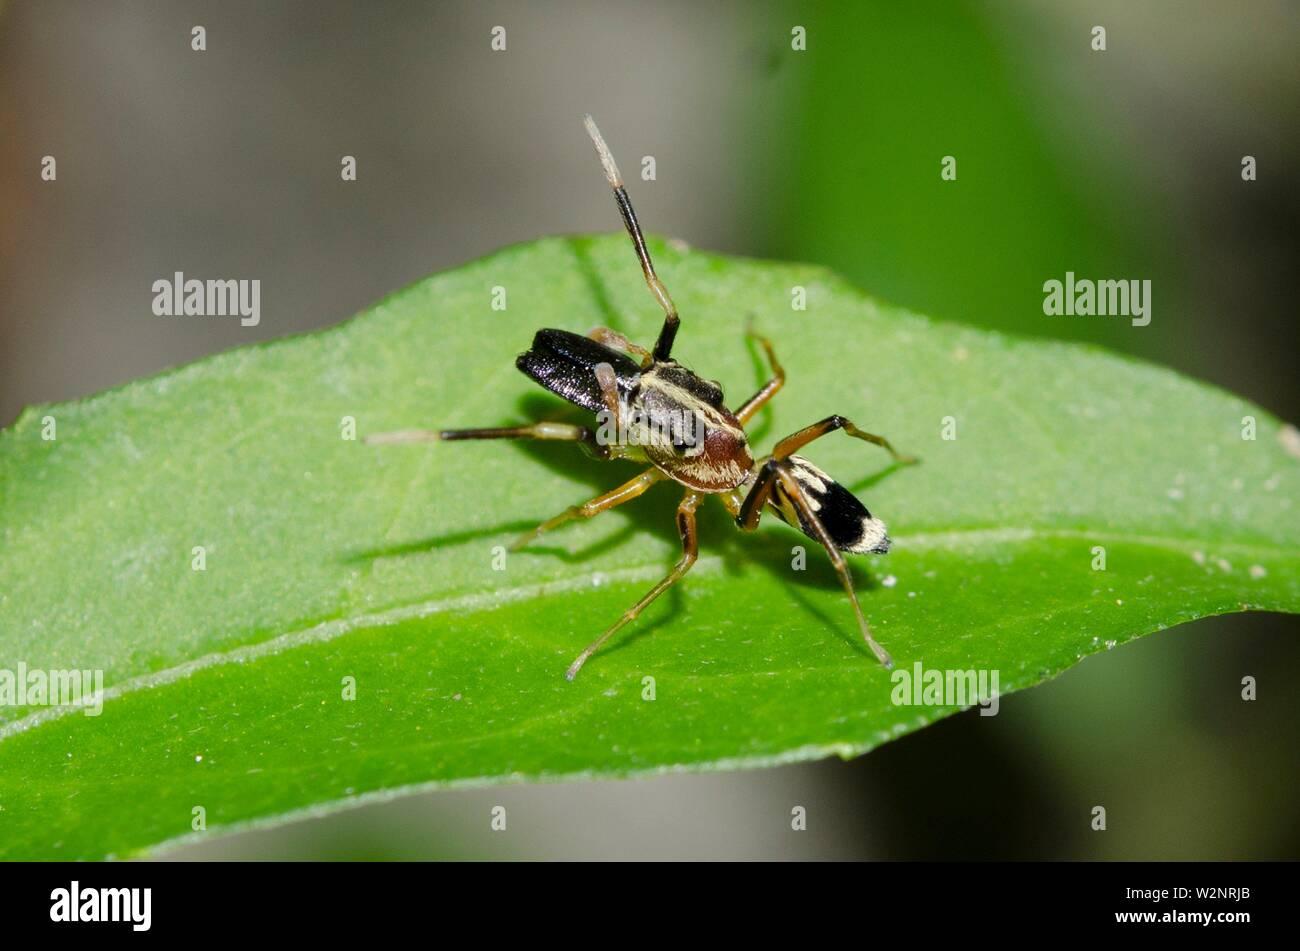 Männliche Ant-nachahmen Spinne (Myrmarachne exasperans, der Familie) auf Blatt, Klungkung, Bali, Indonesien. Stockbild